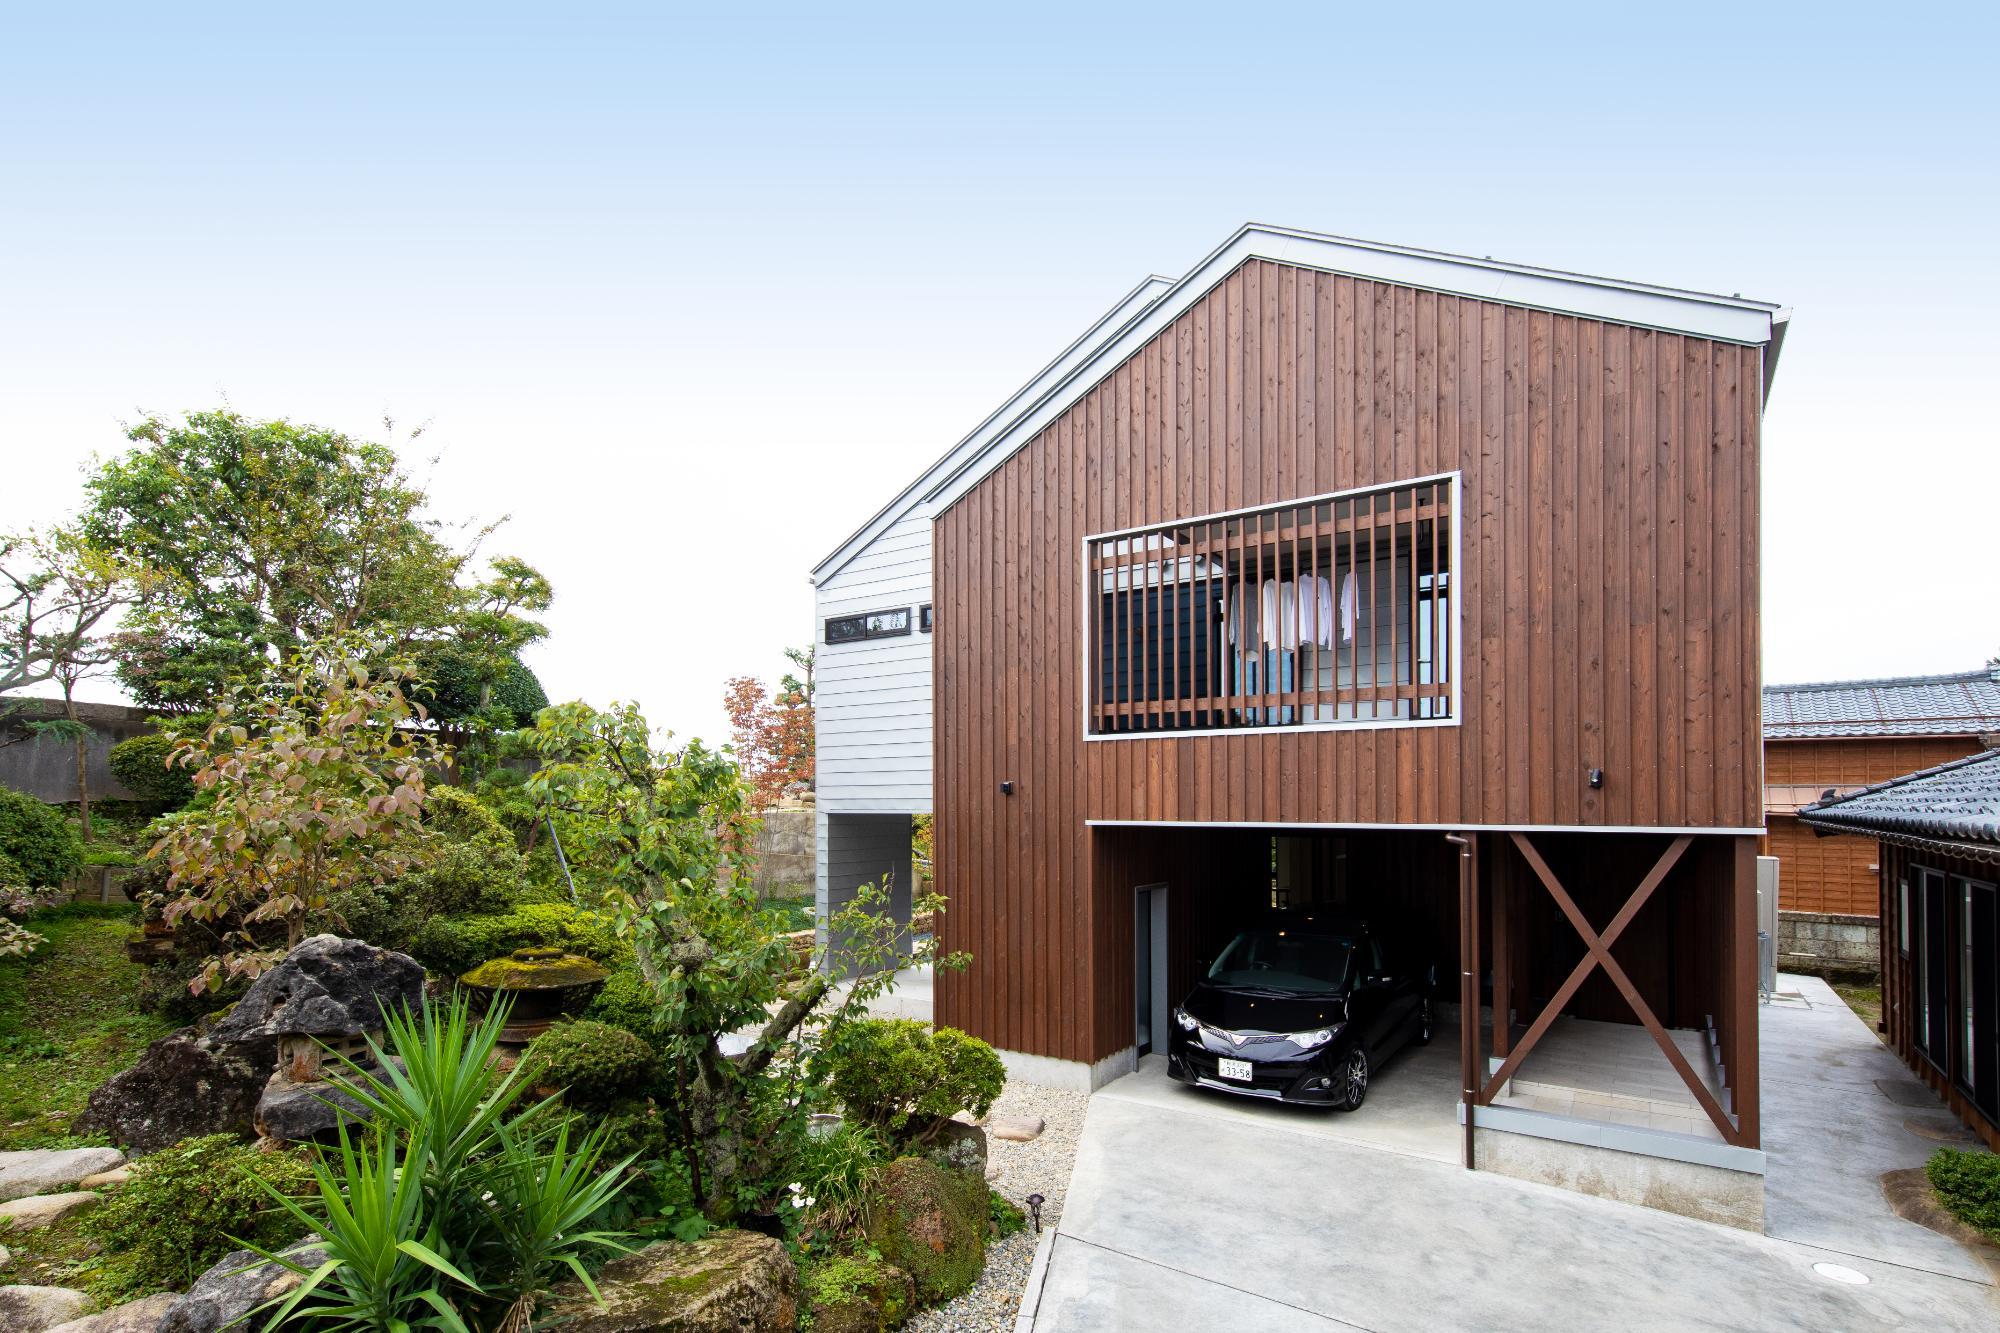 住み継げる住まいの提案 archi laboコンセプトハウスの写真1